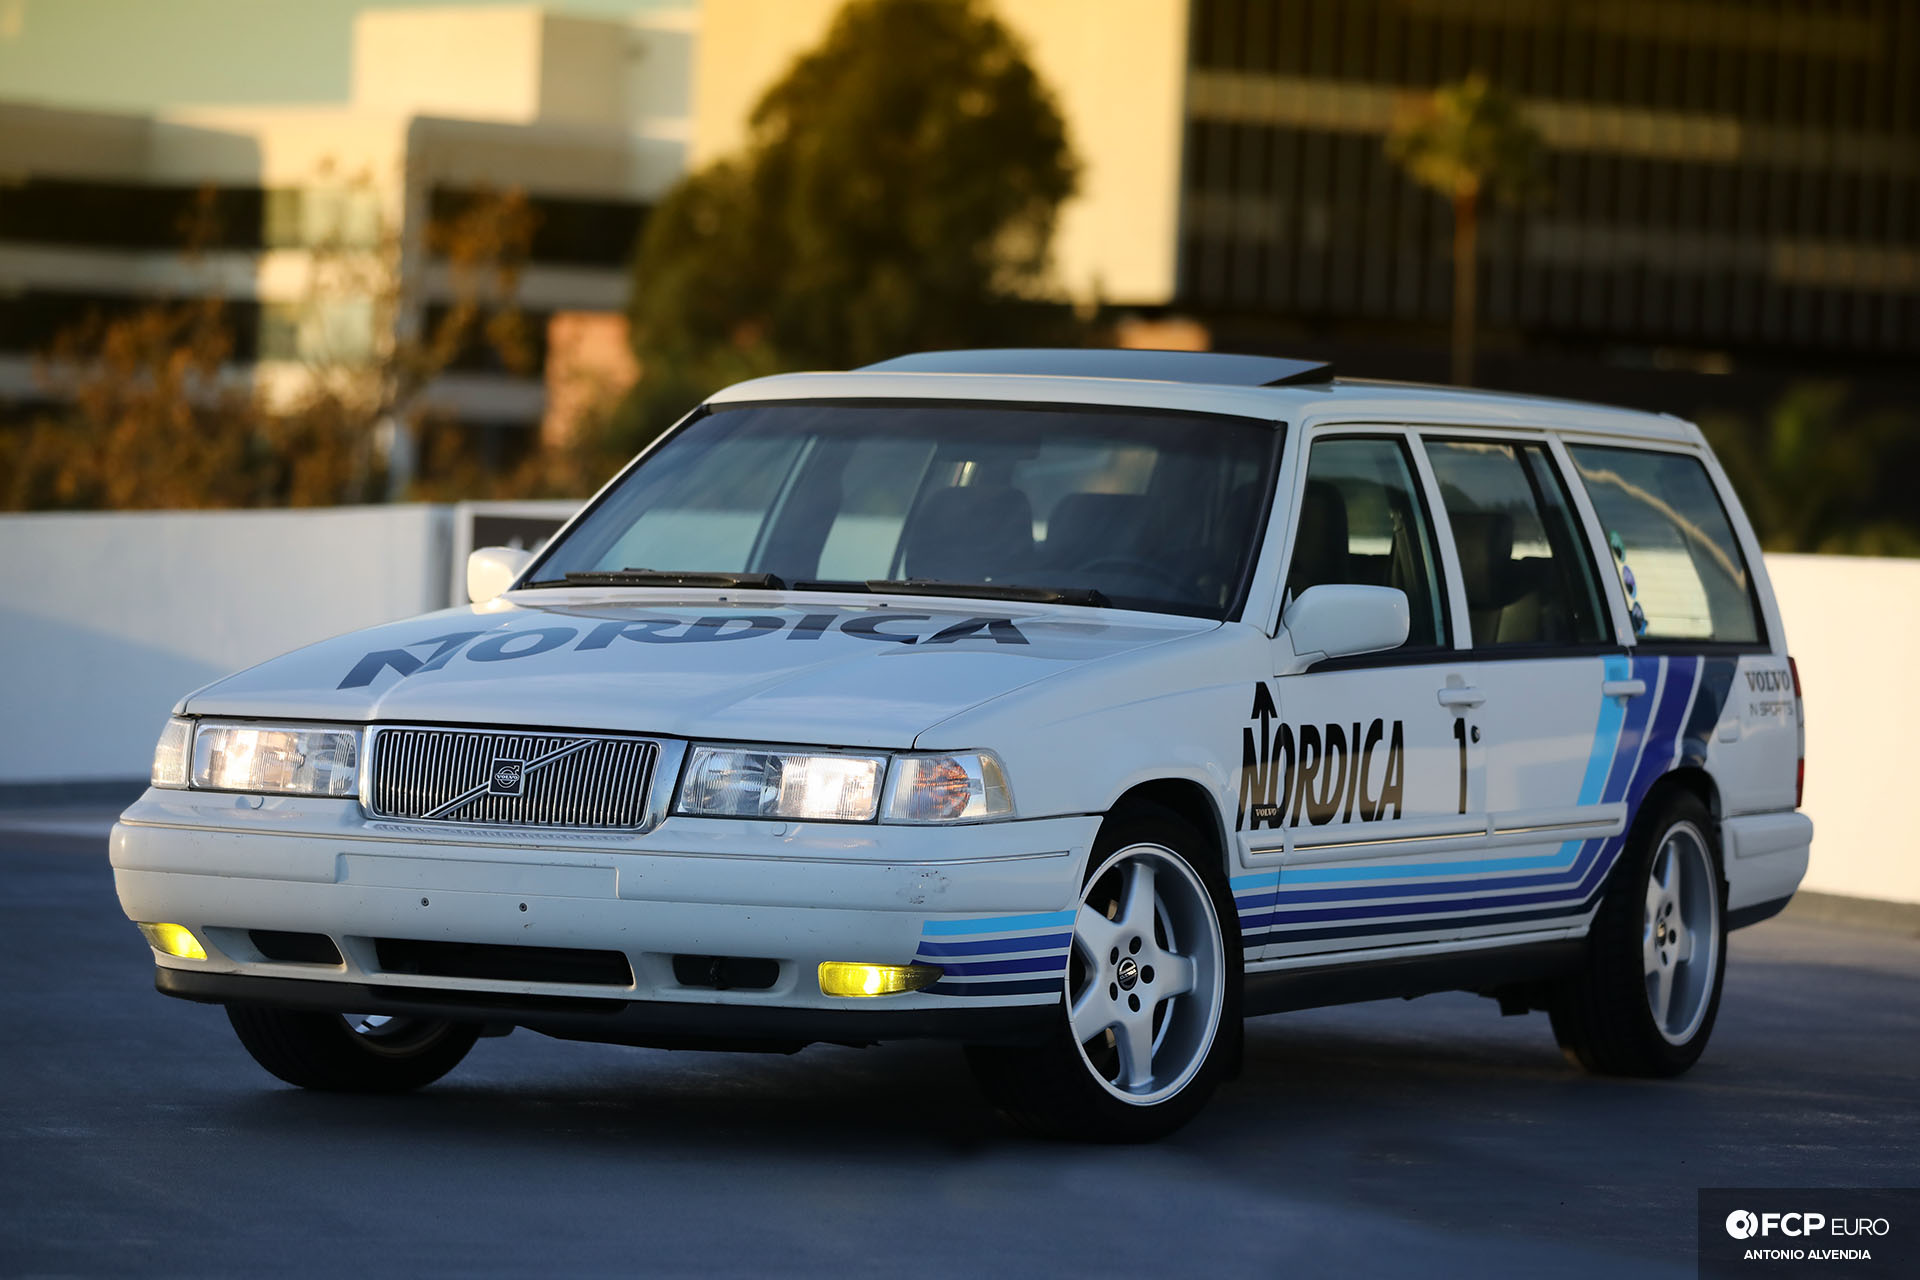 Nordica Volvo V90 Mk II Wagon Front 3/4